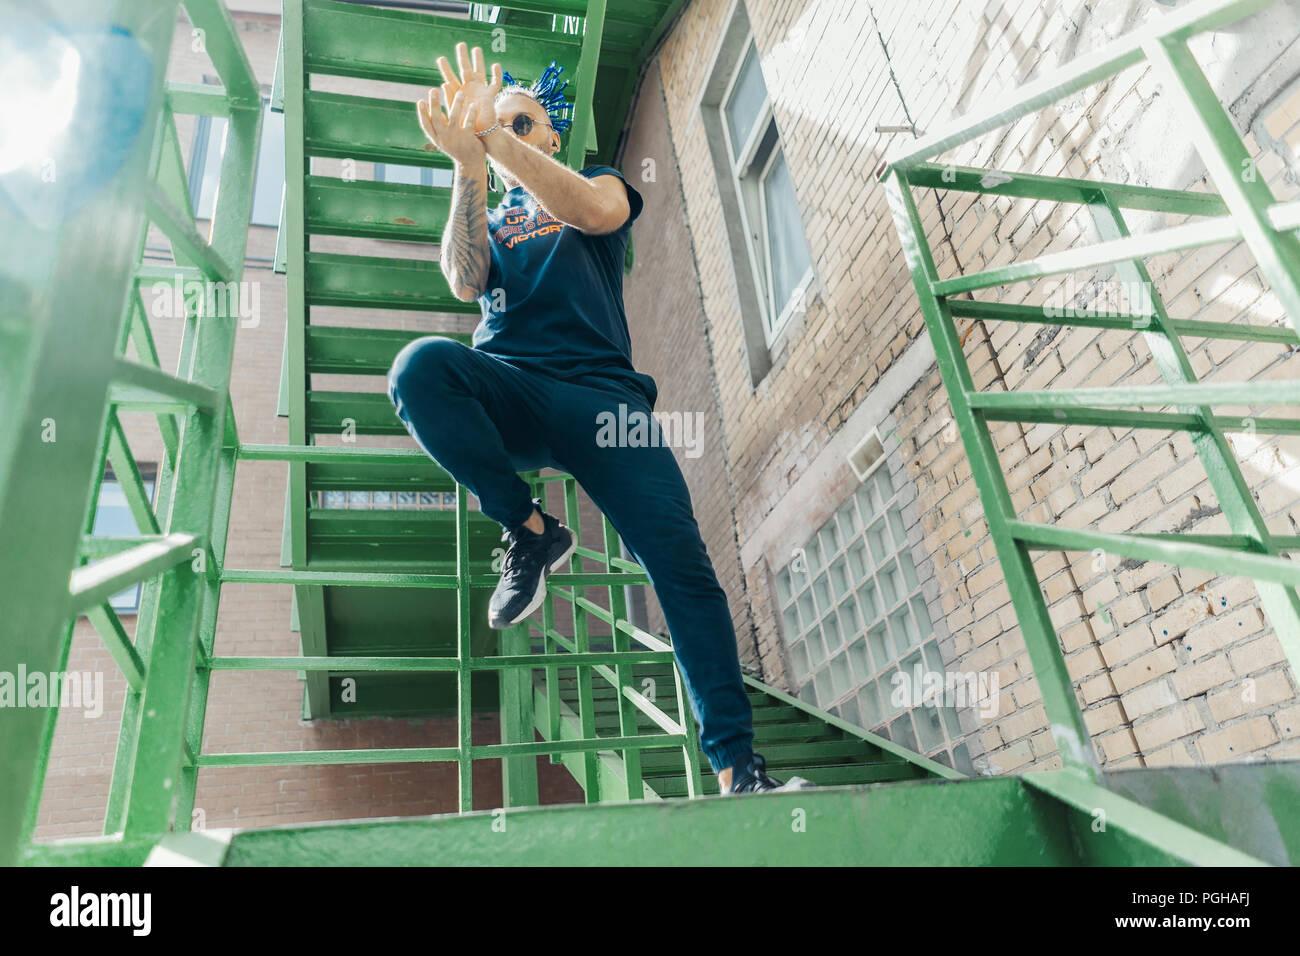 Junger Mann mit blauen dreadlocks Reggaeton tanzen auf der grünen Treppe. Der Mensch ist der Mittelpunkt und Vordergrund, grüne Treppe ist auf Hintergrund und verschwommen. Stockbild